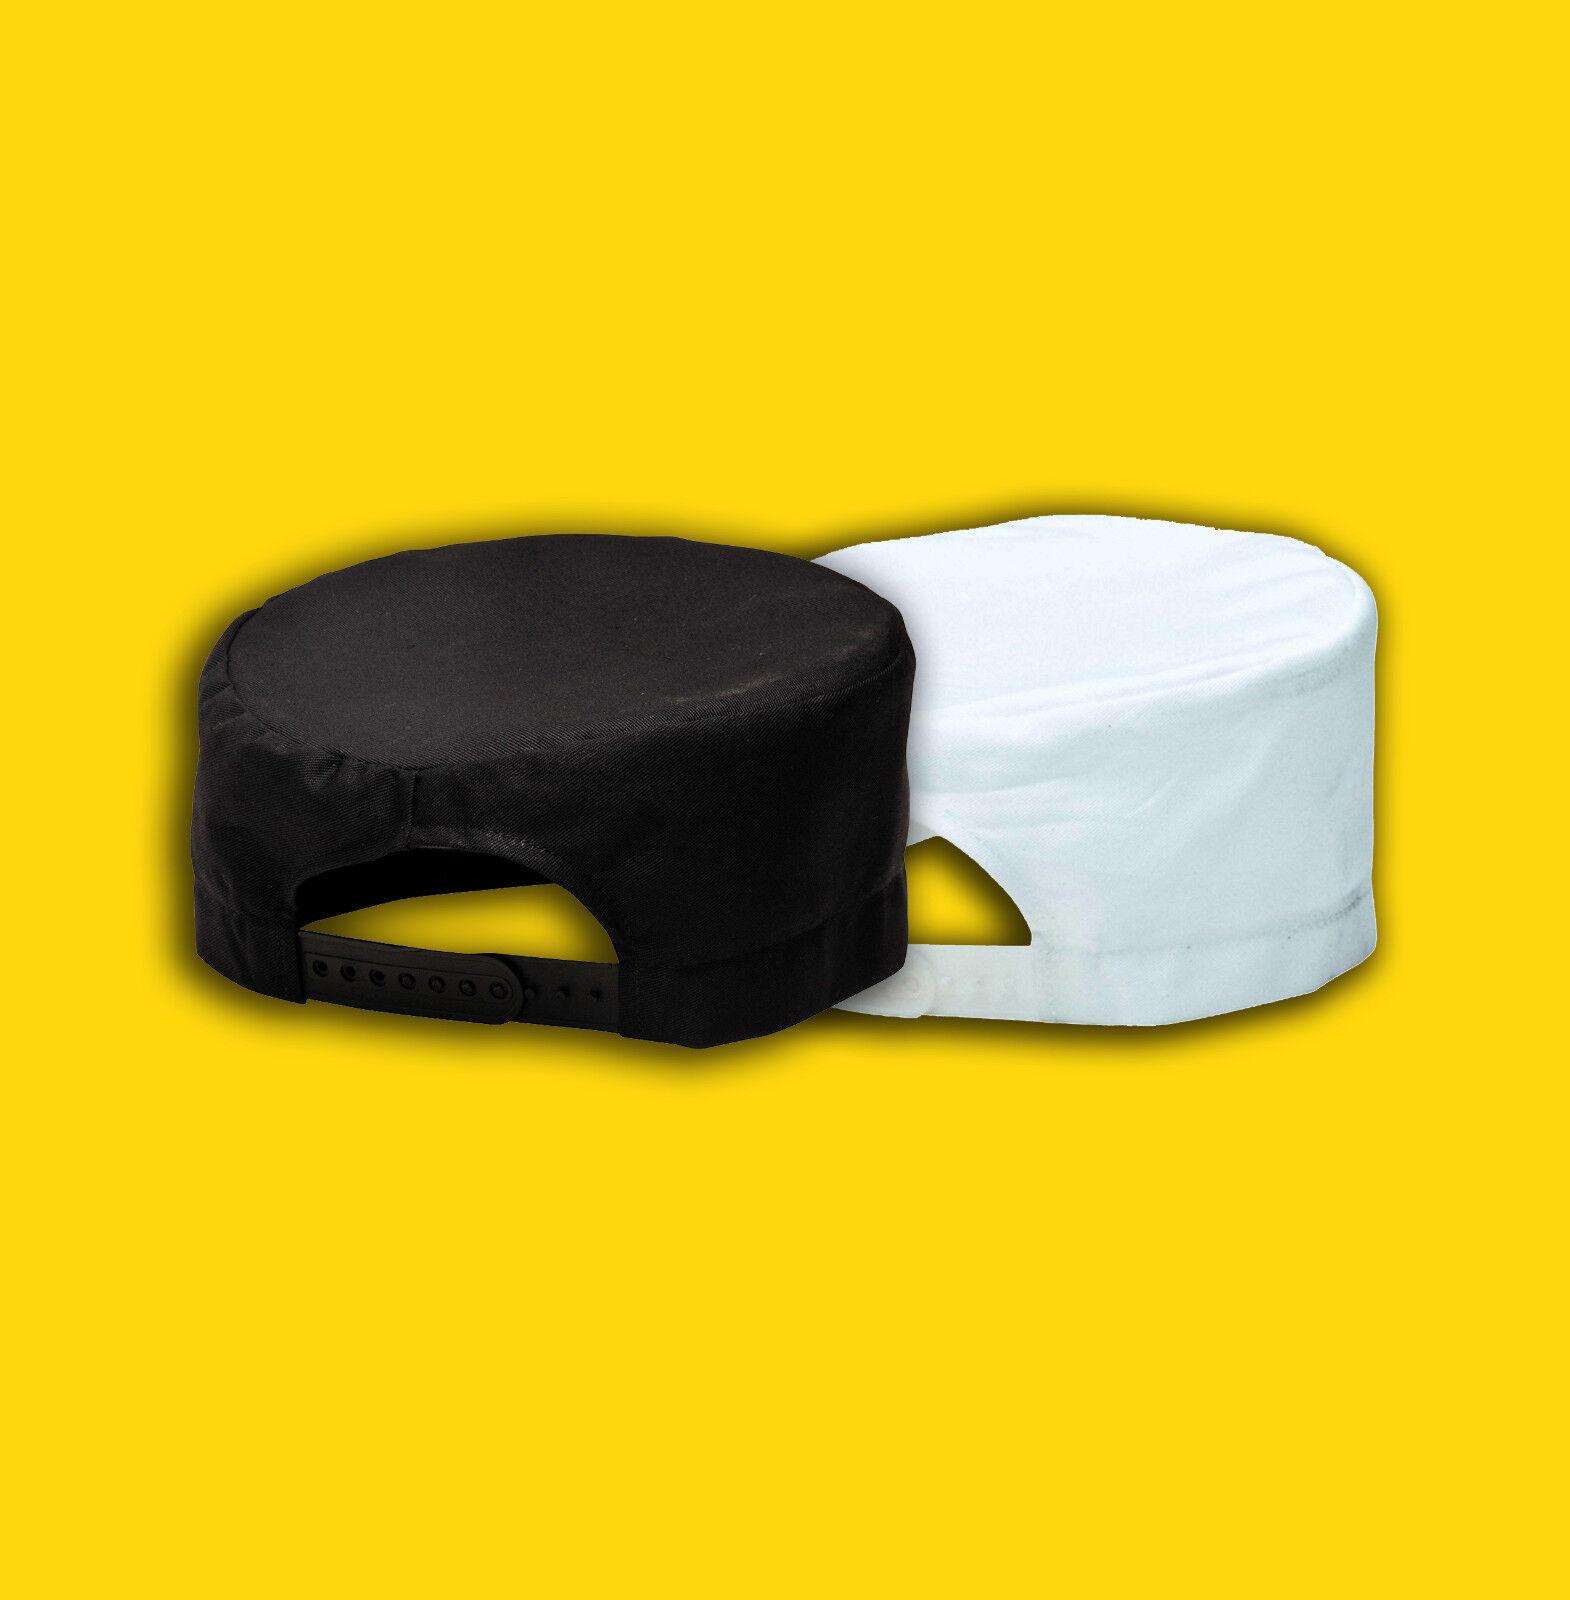 Kochmütze, Kochkäppi, Kochhut, Mütze S899 Portwest (weiß/schwarz)